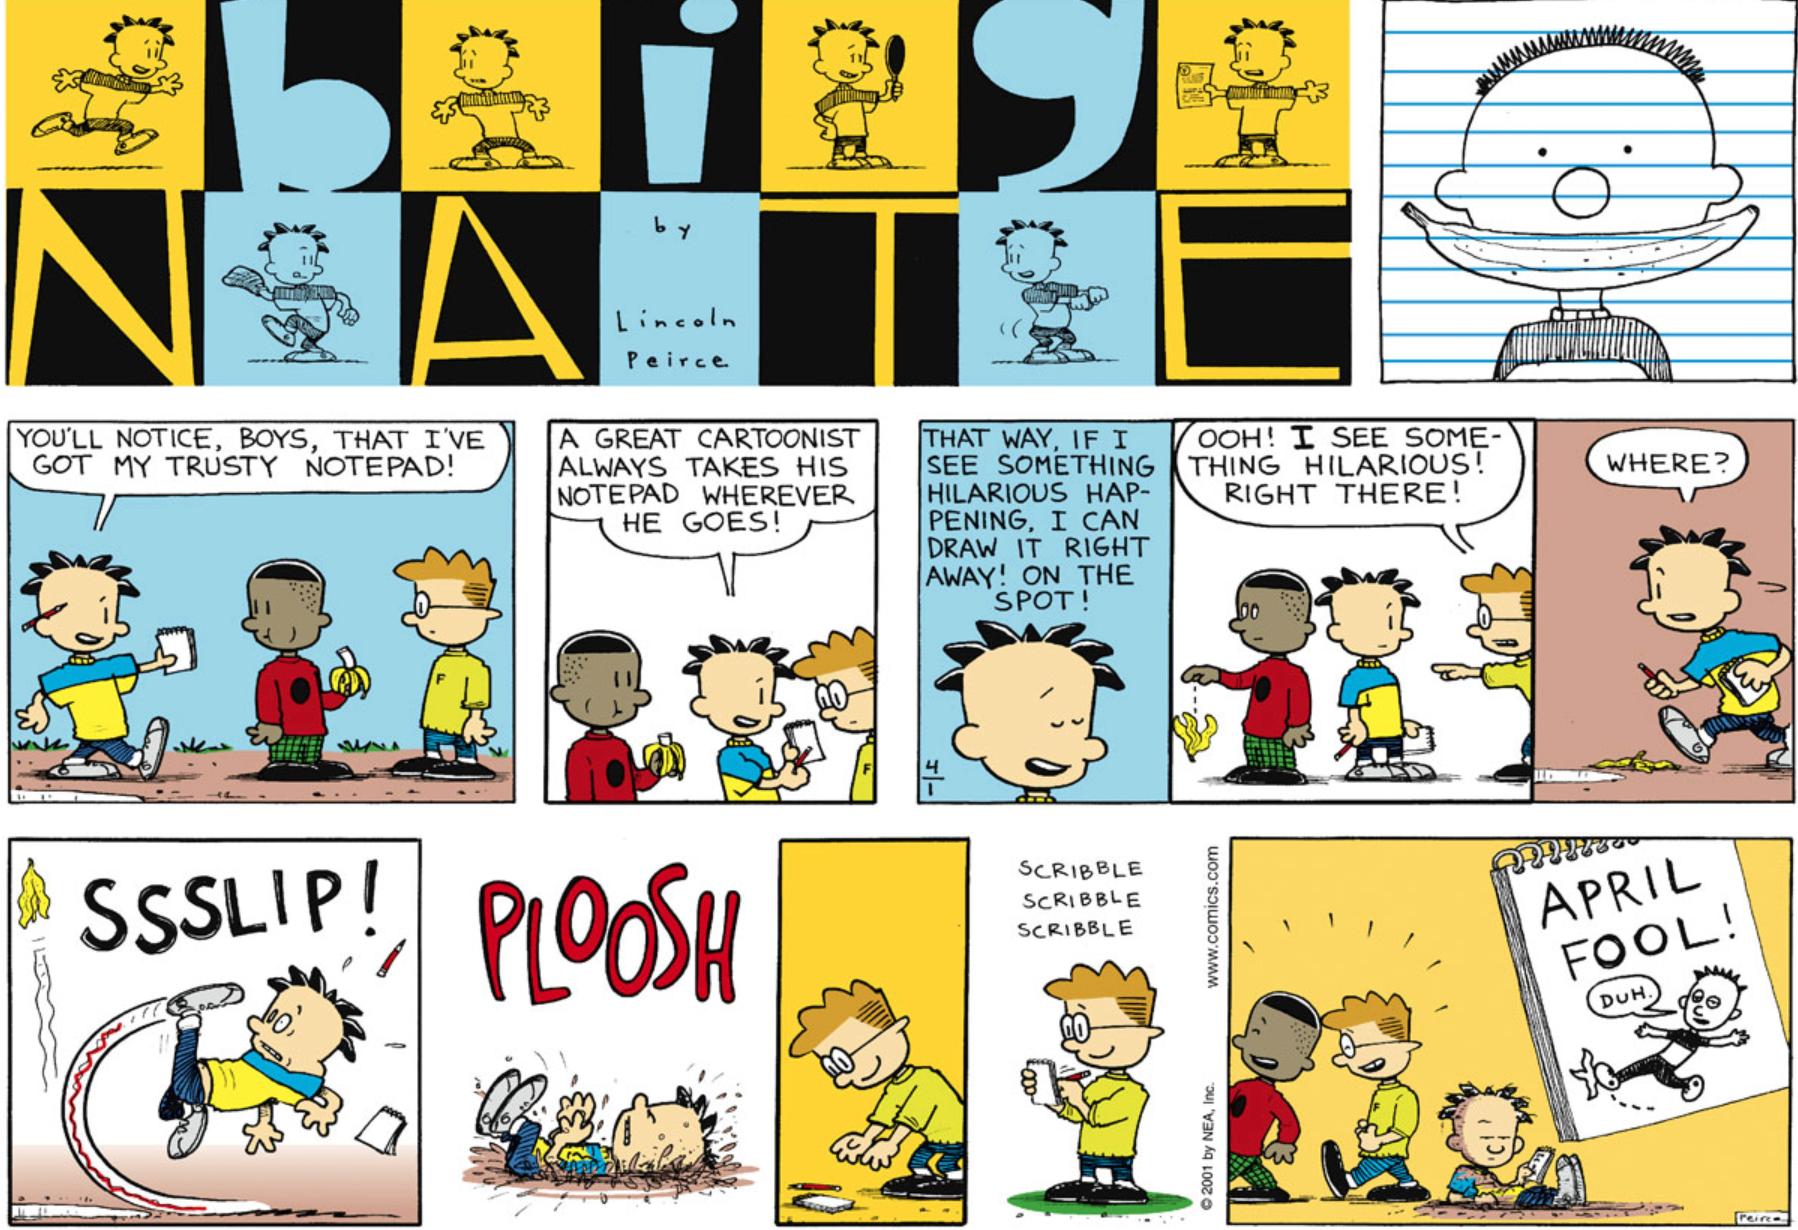 Comic Strip: April 1, 2001